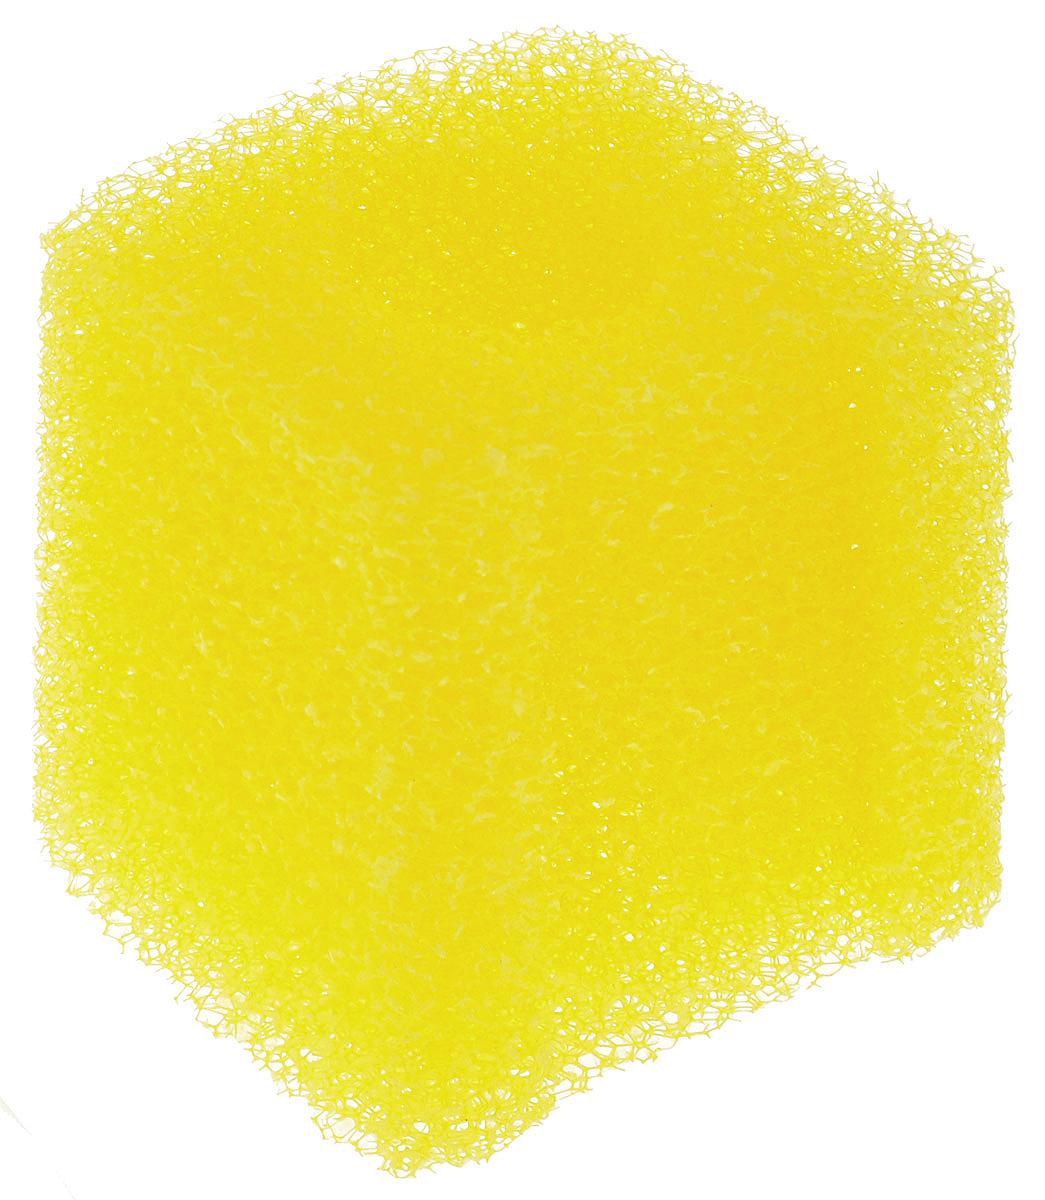 Губка Barbus для фильтра WP-1300 F, сменная, 6,5 х 5,5 х 7 смSponge 1300Губка Barbus предназначена для фильтра WP-1300 F и состоит из высокопористого материала для эффективной очистки воды в аквариуме. Губка для фильтра является основным сменным элементом, влияющем на обеспечение нормальных условий для жизни рыб. Губка отлично подходит для размножения полезных бактерий, поэтому осуществляет как механическую, так и биологическую очистку.